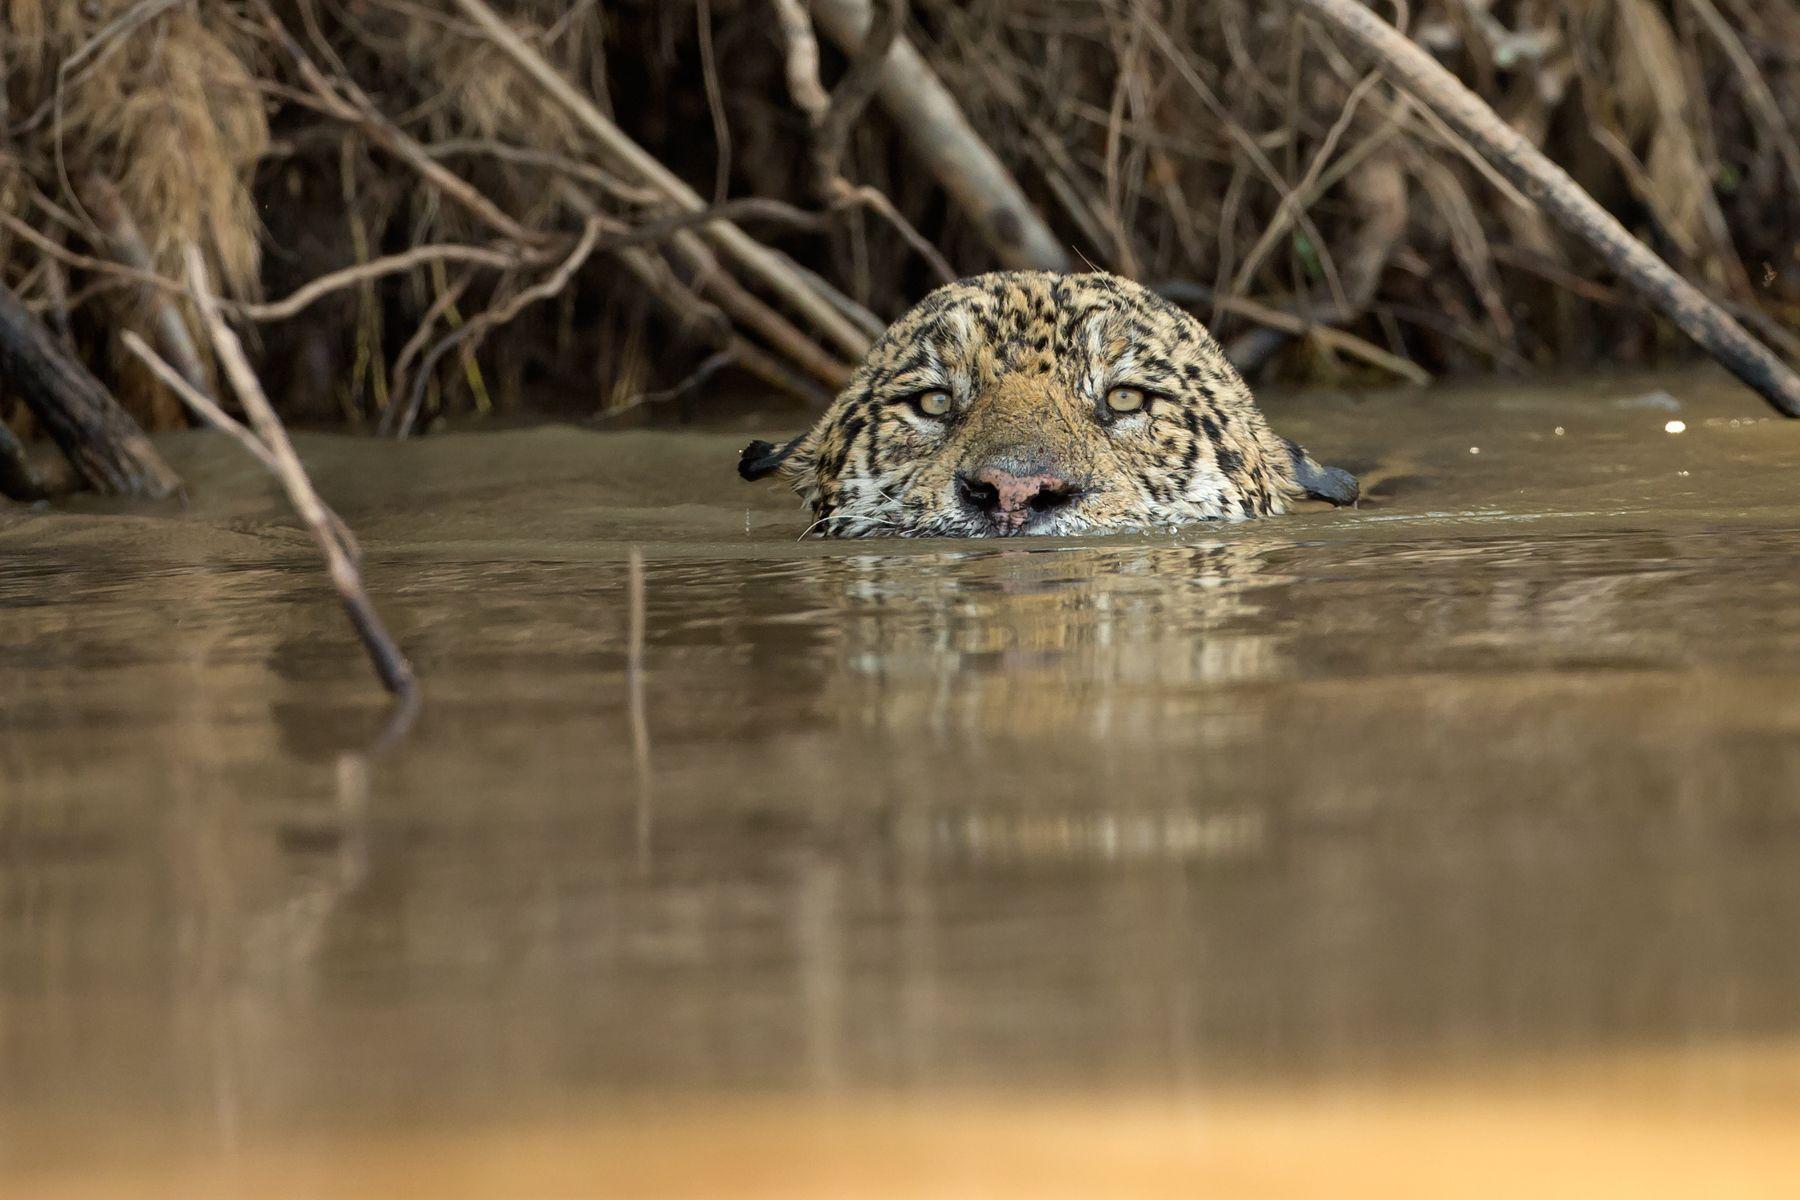 A Jaguar swims across a channel